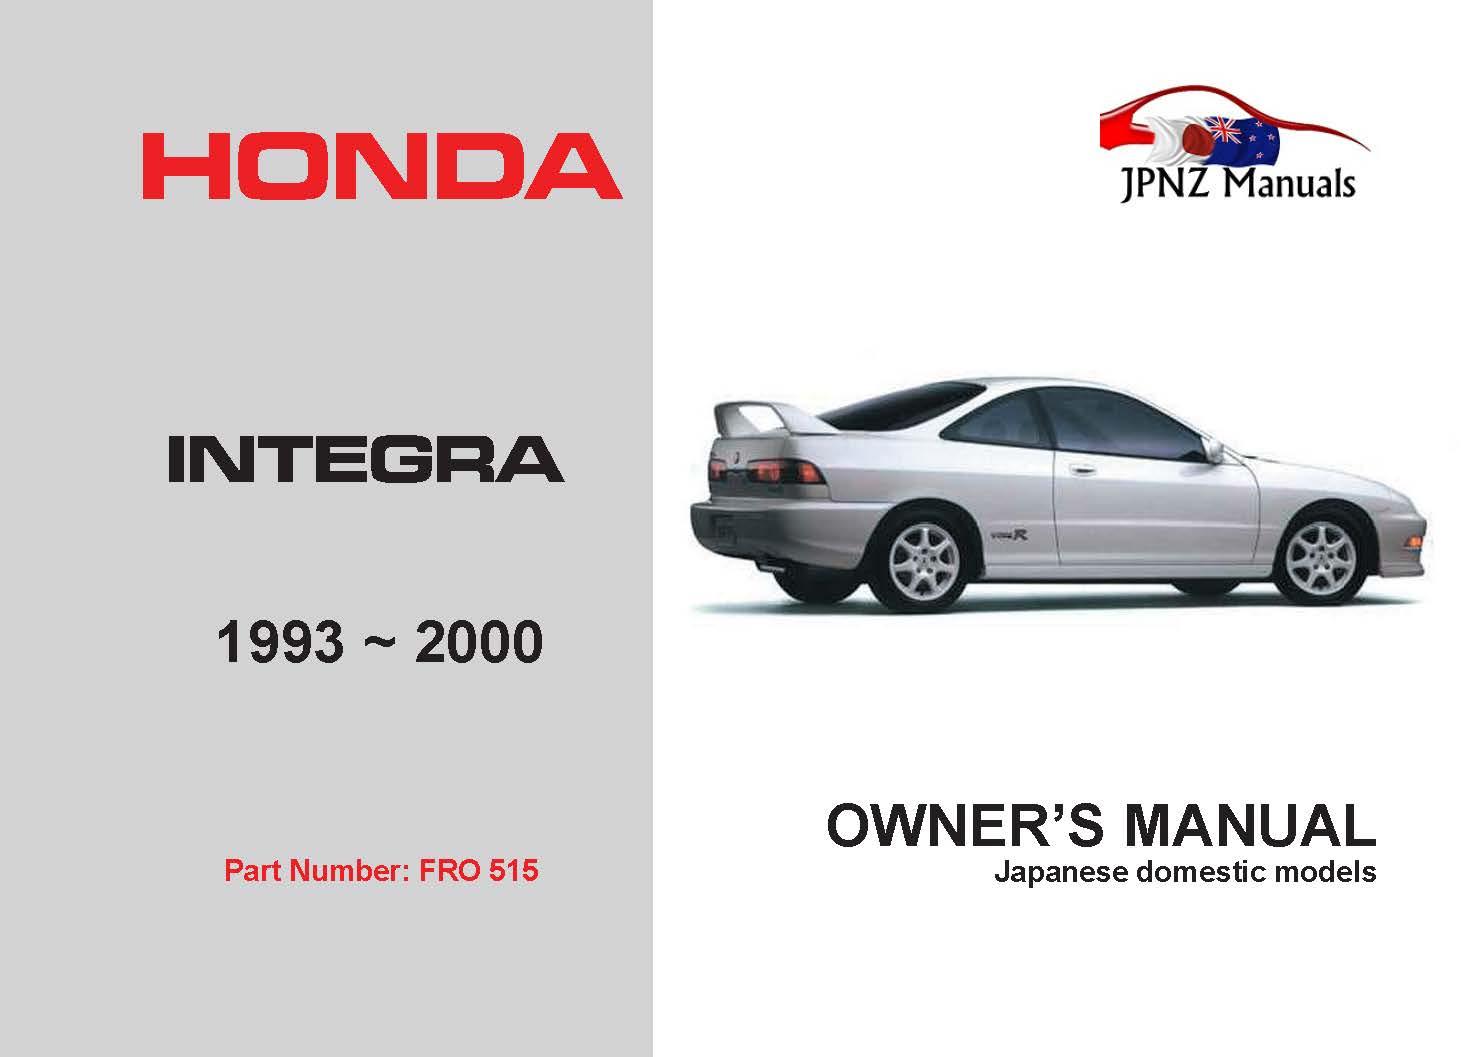 Honda - Integra Car Owners User Manual In English   1993 - 2000